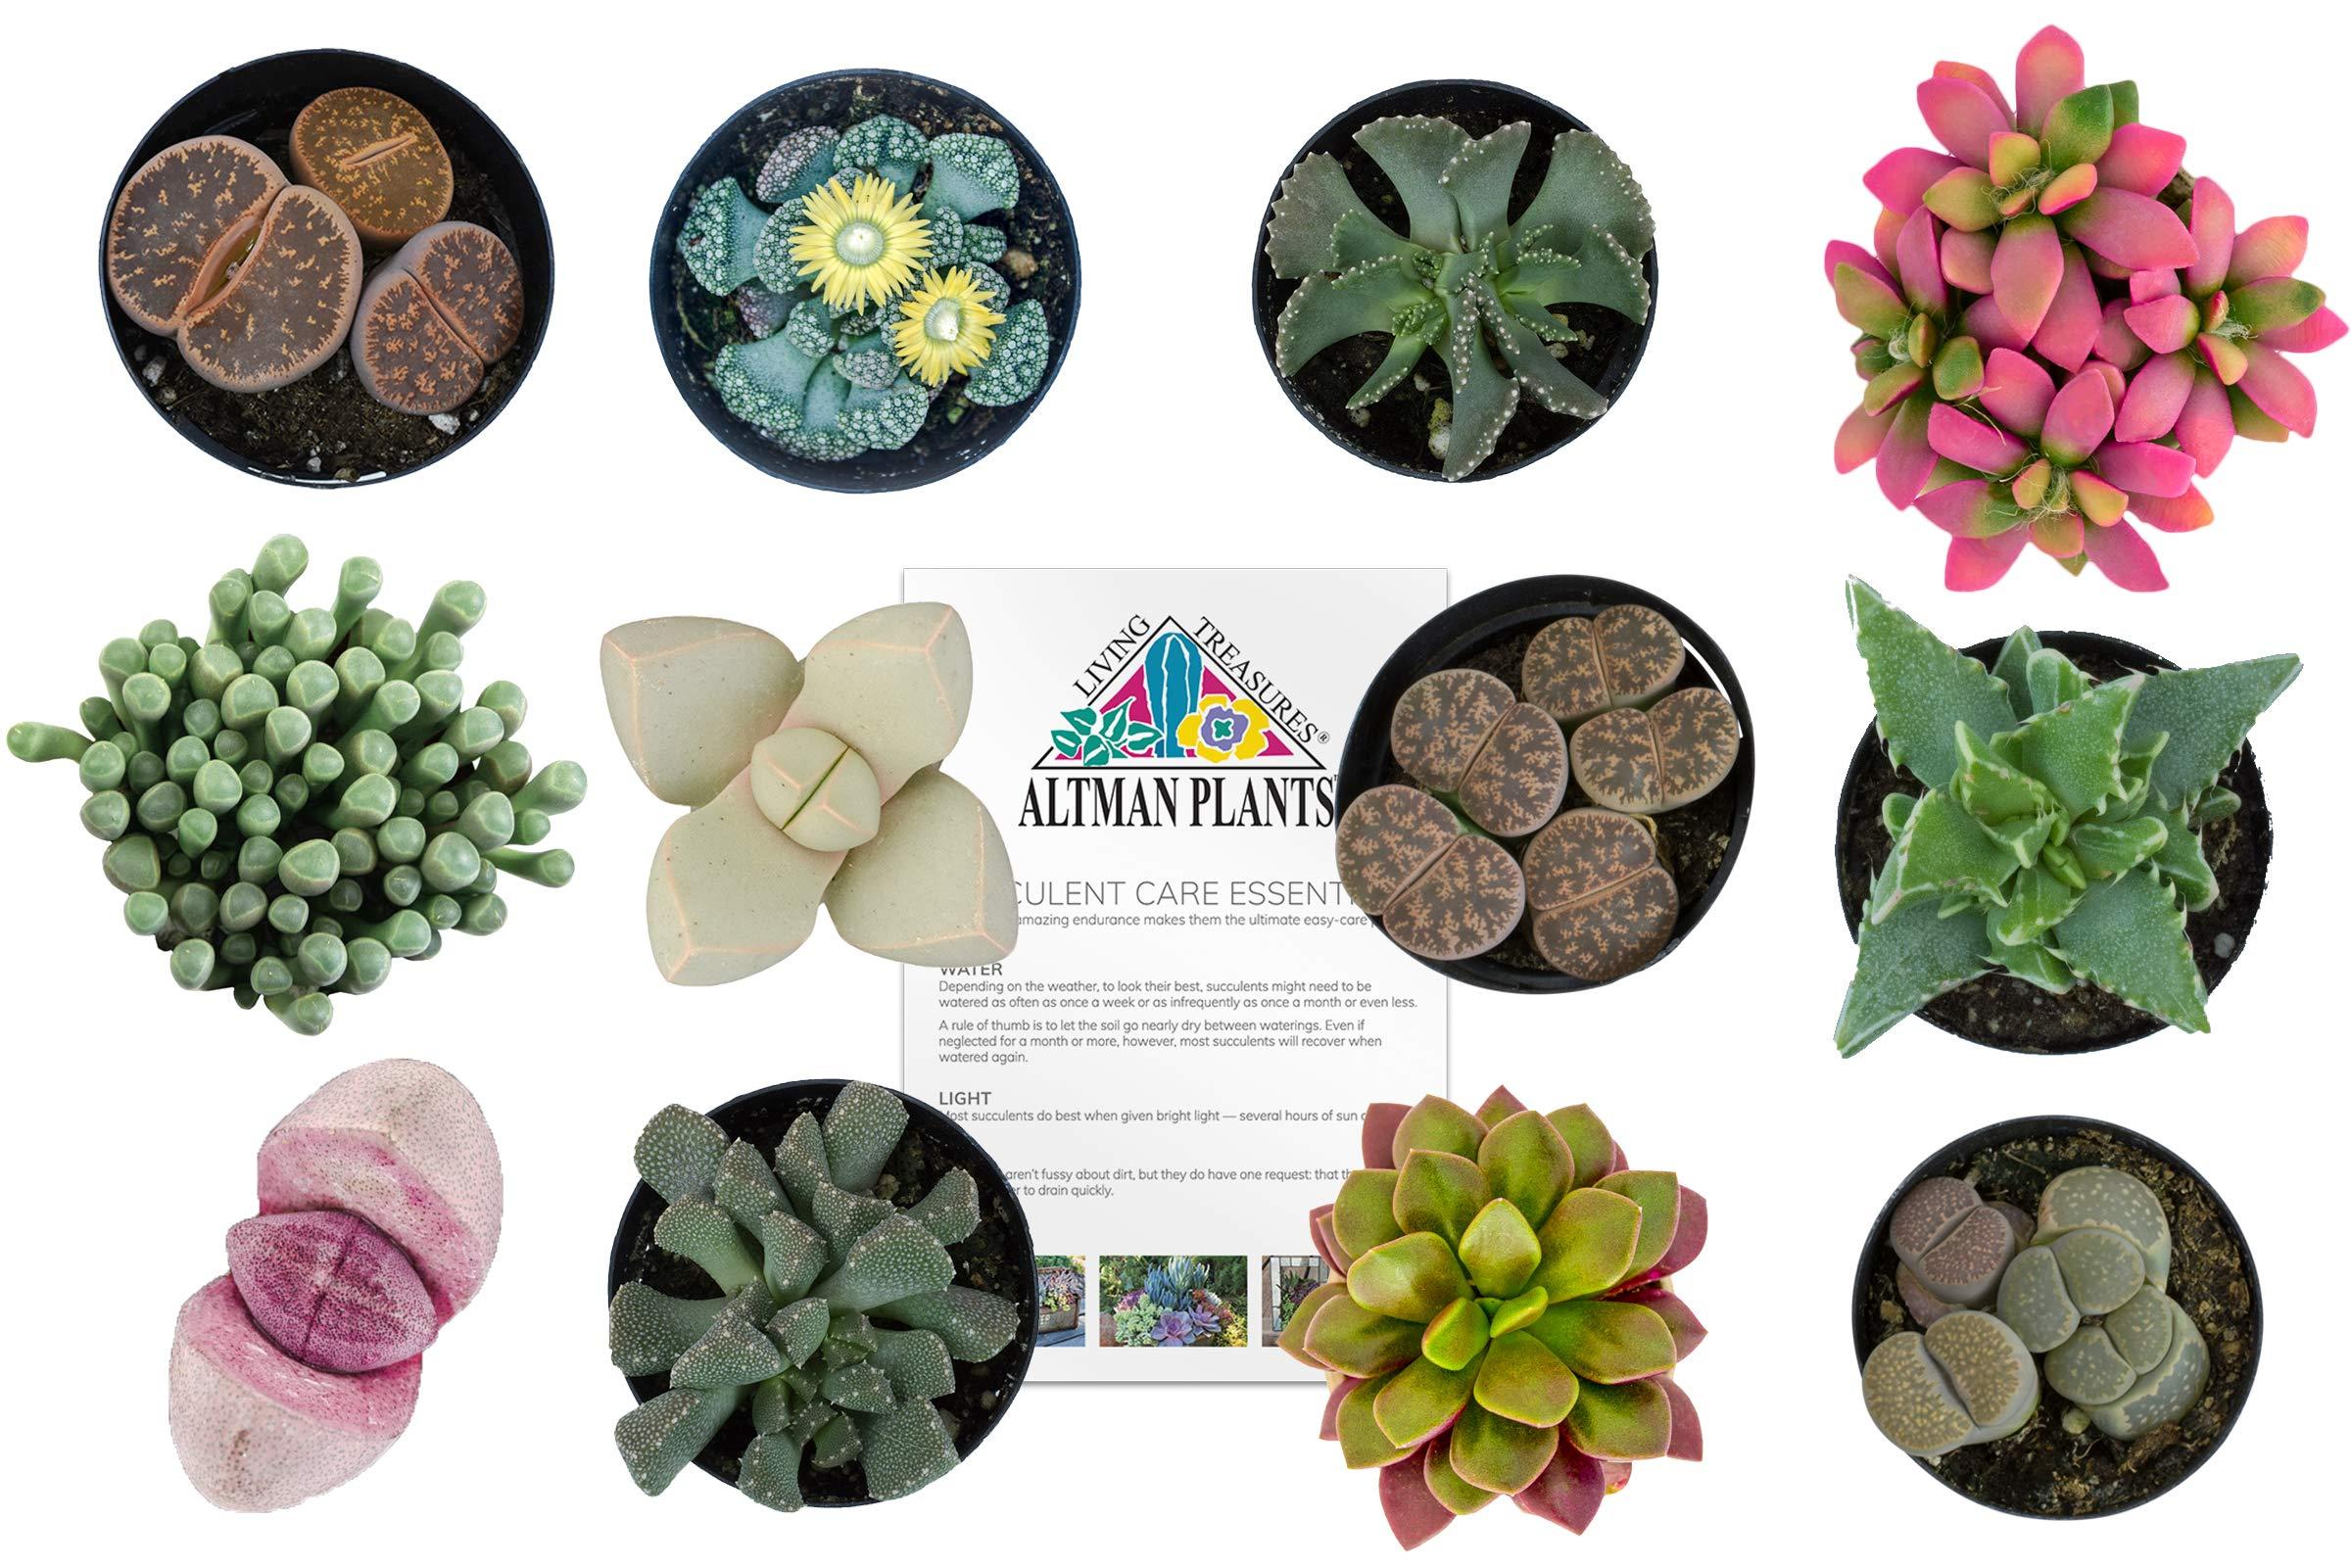 Altman Plants Assorted Live Mini Succulents Mimicry Collection Rock Plants colorful unique gifts, 2.5'', 12 Pack